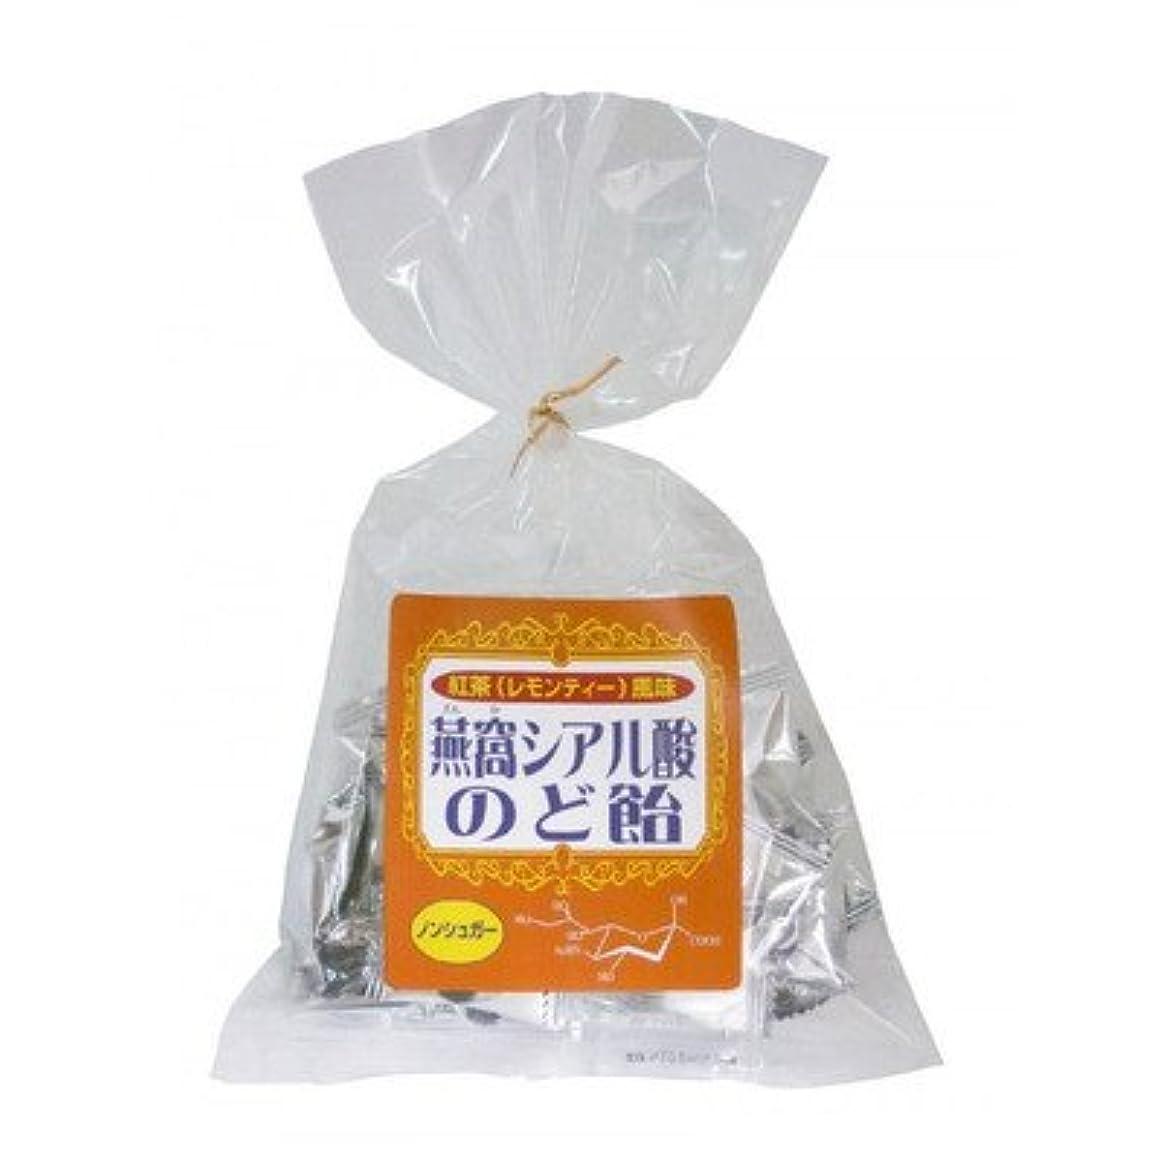 ペダルアソシエイト忍耐燕窩シアル酸のど飴ノンシュガー 紅茶(レモンティー)風味 87g×3袋